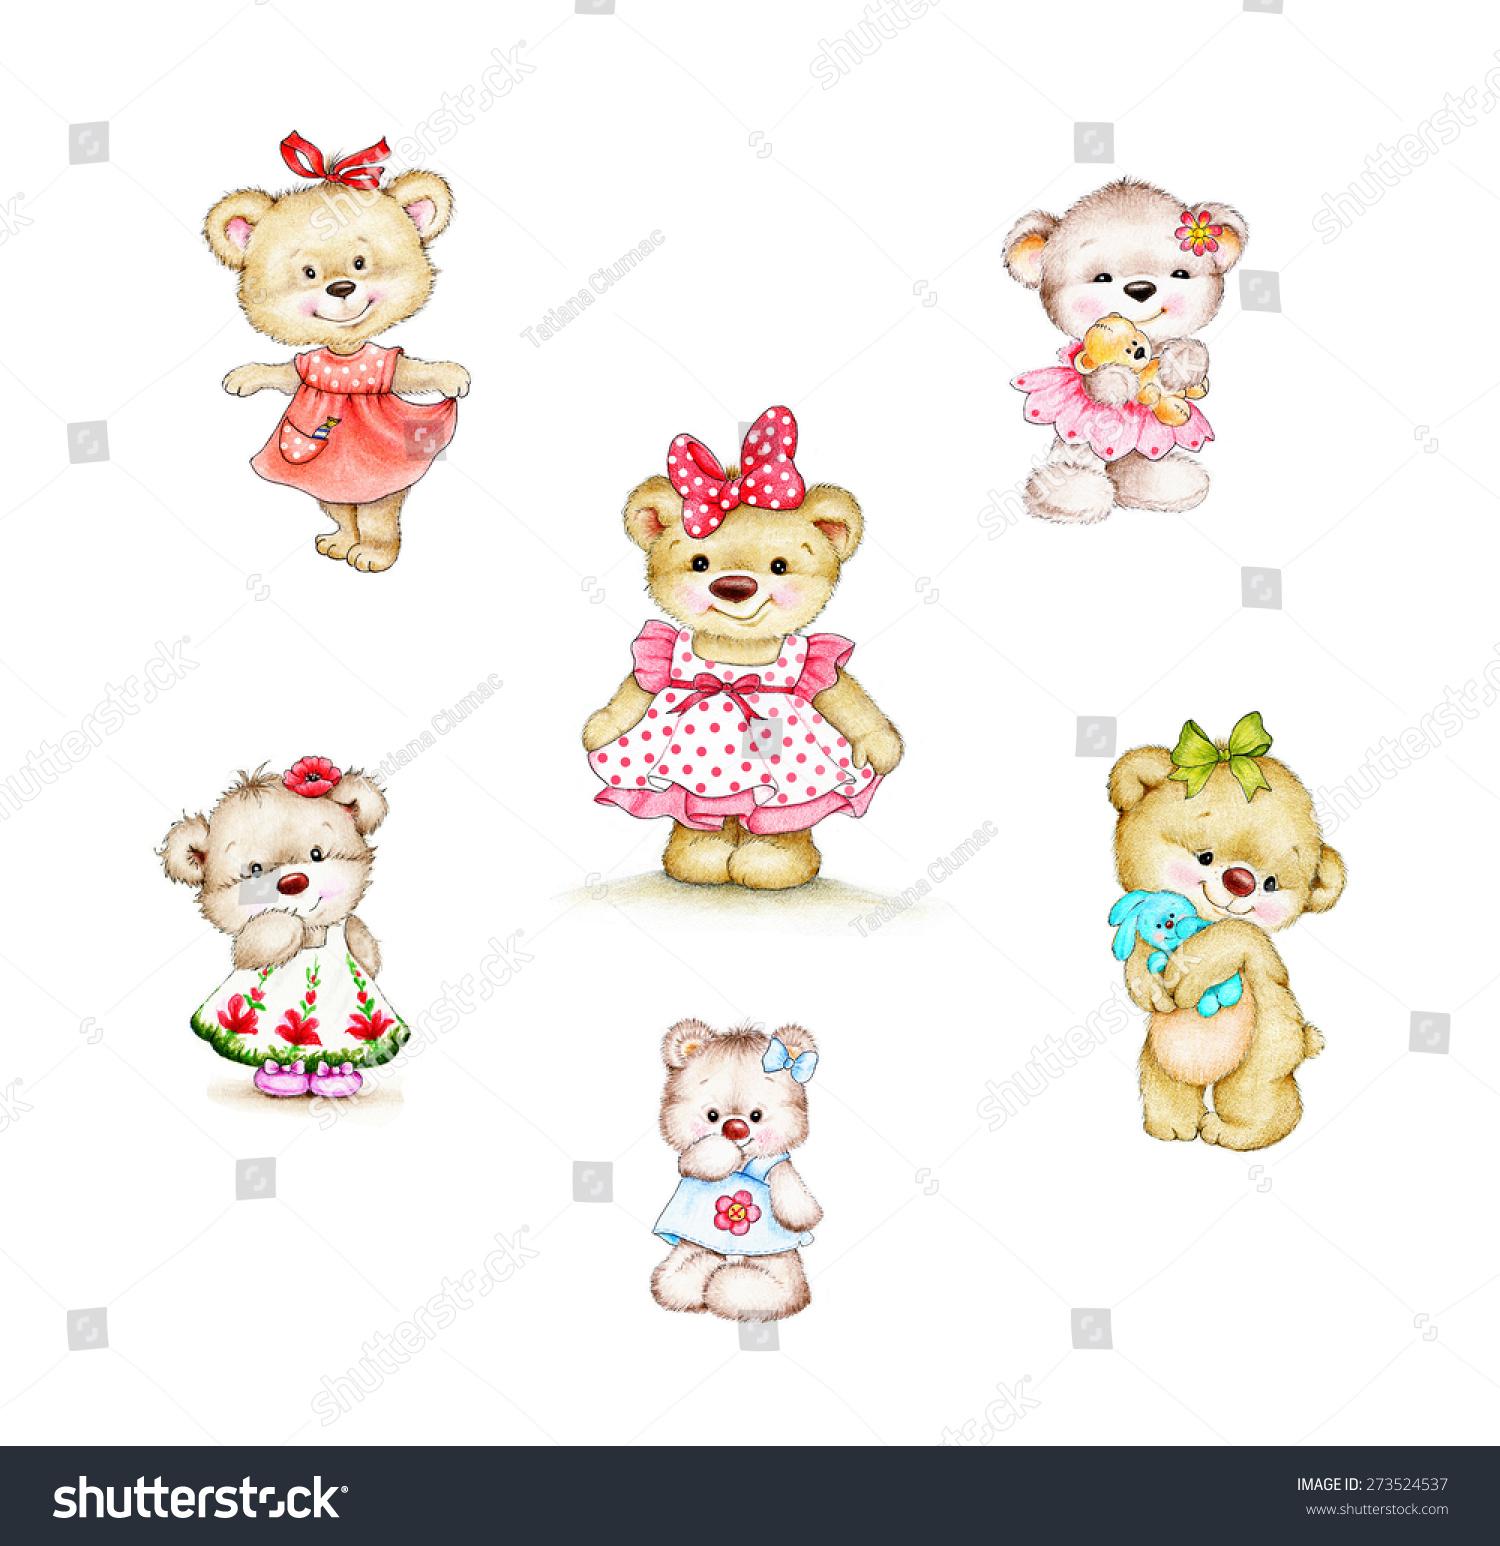 可爱的泰迪熊女孩-背景/素材,艺术-海洛创意(hellorf)